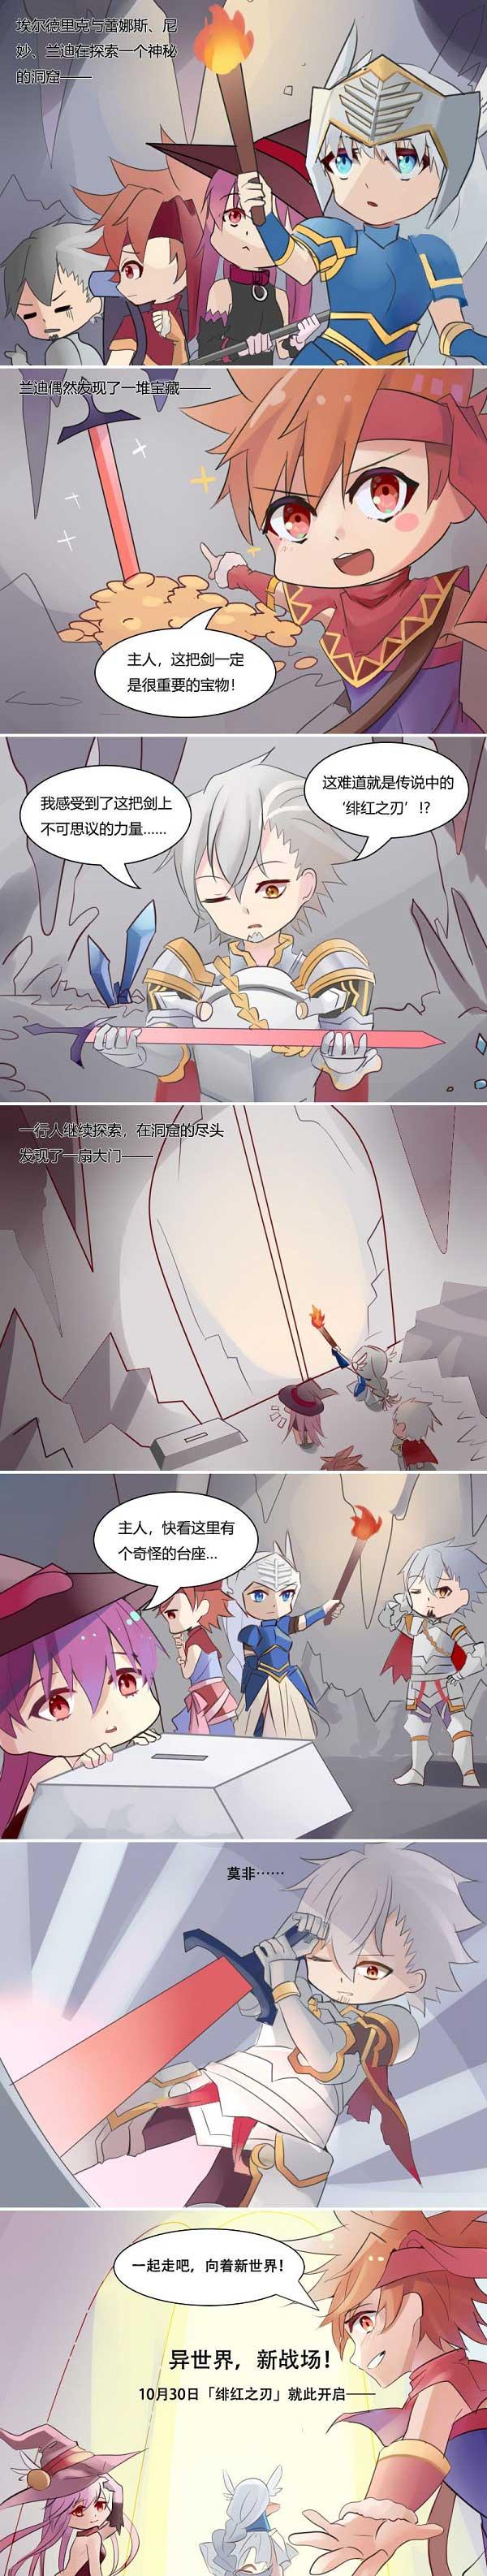 动漫联动宣传片超燃预警!《红莲之王》新服今日开启